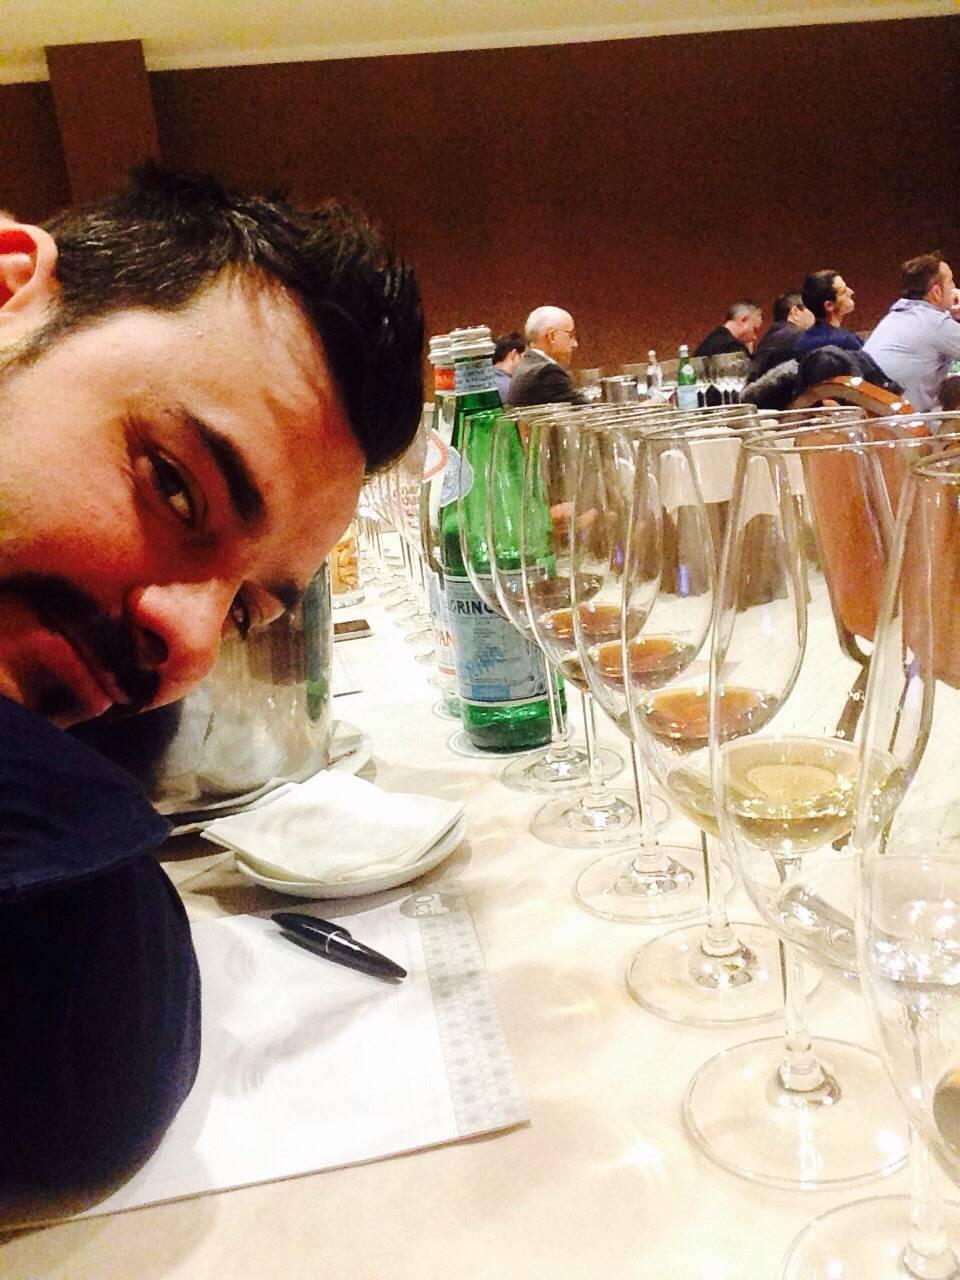 Concurso Mejor Sumiller de Espa%C3%B1a 2014 3 - Víctor Martín, entre los mejores sumilleres de España 2014